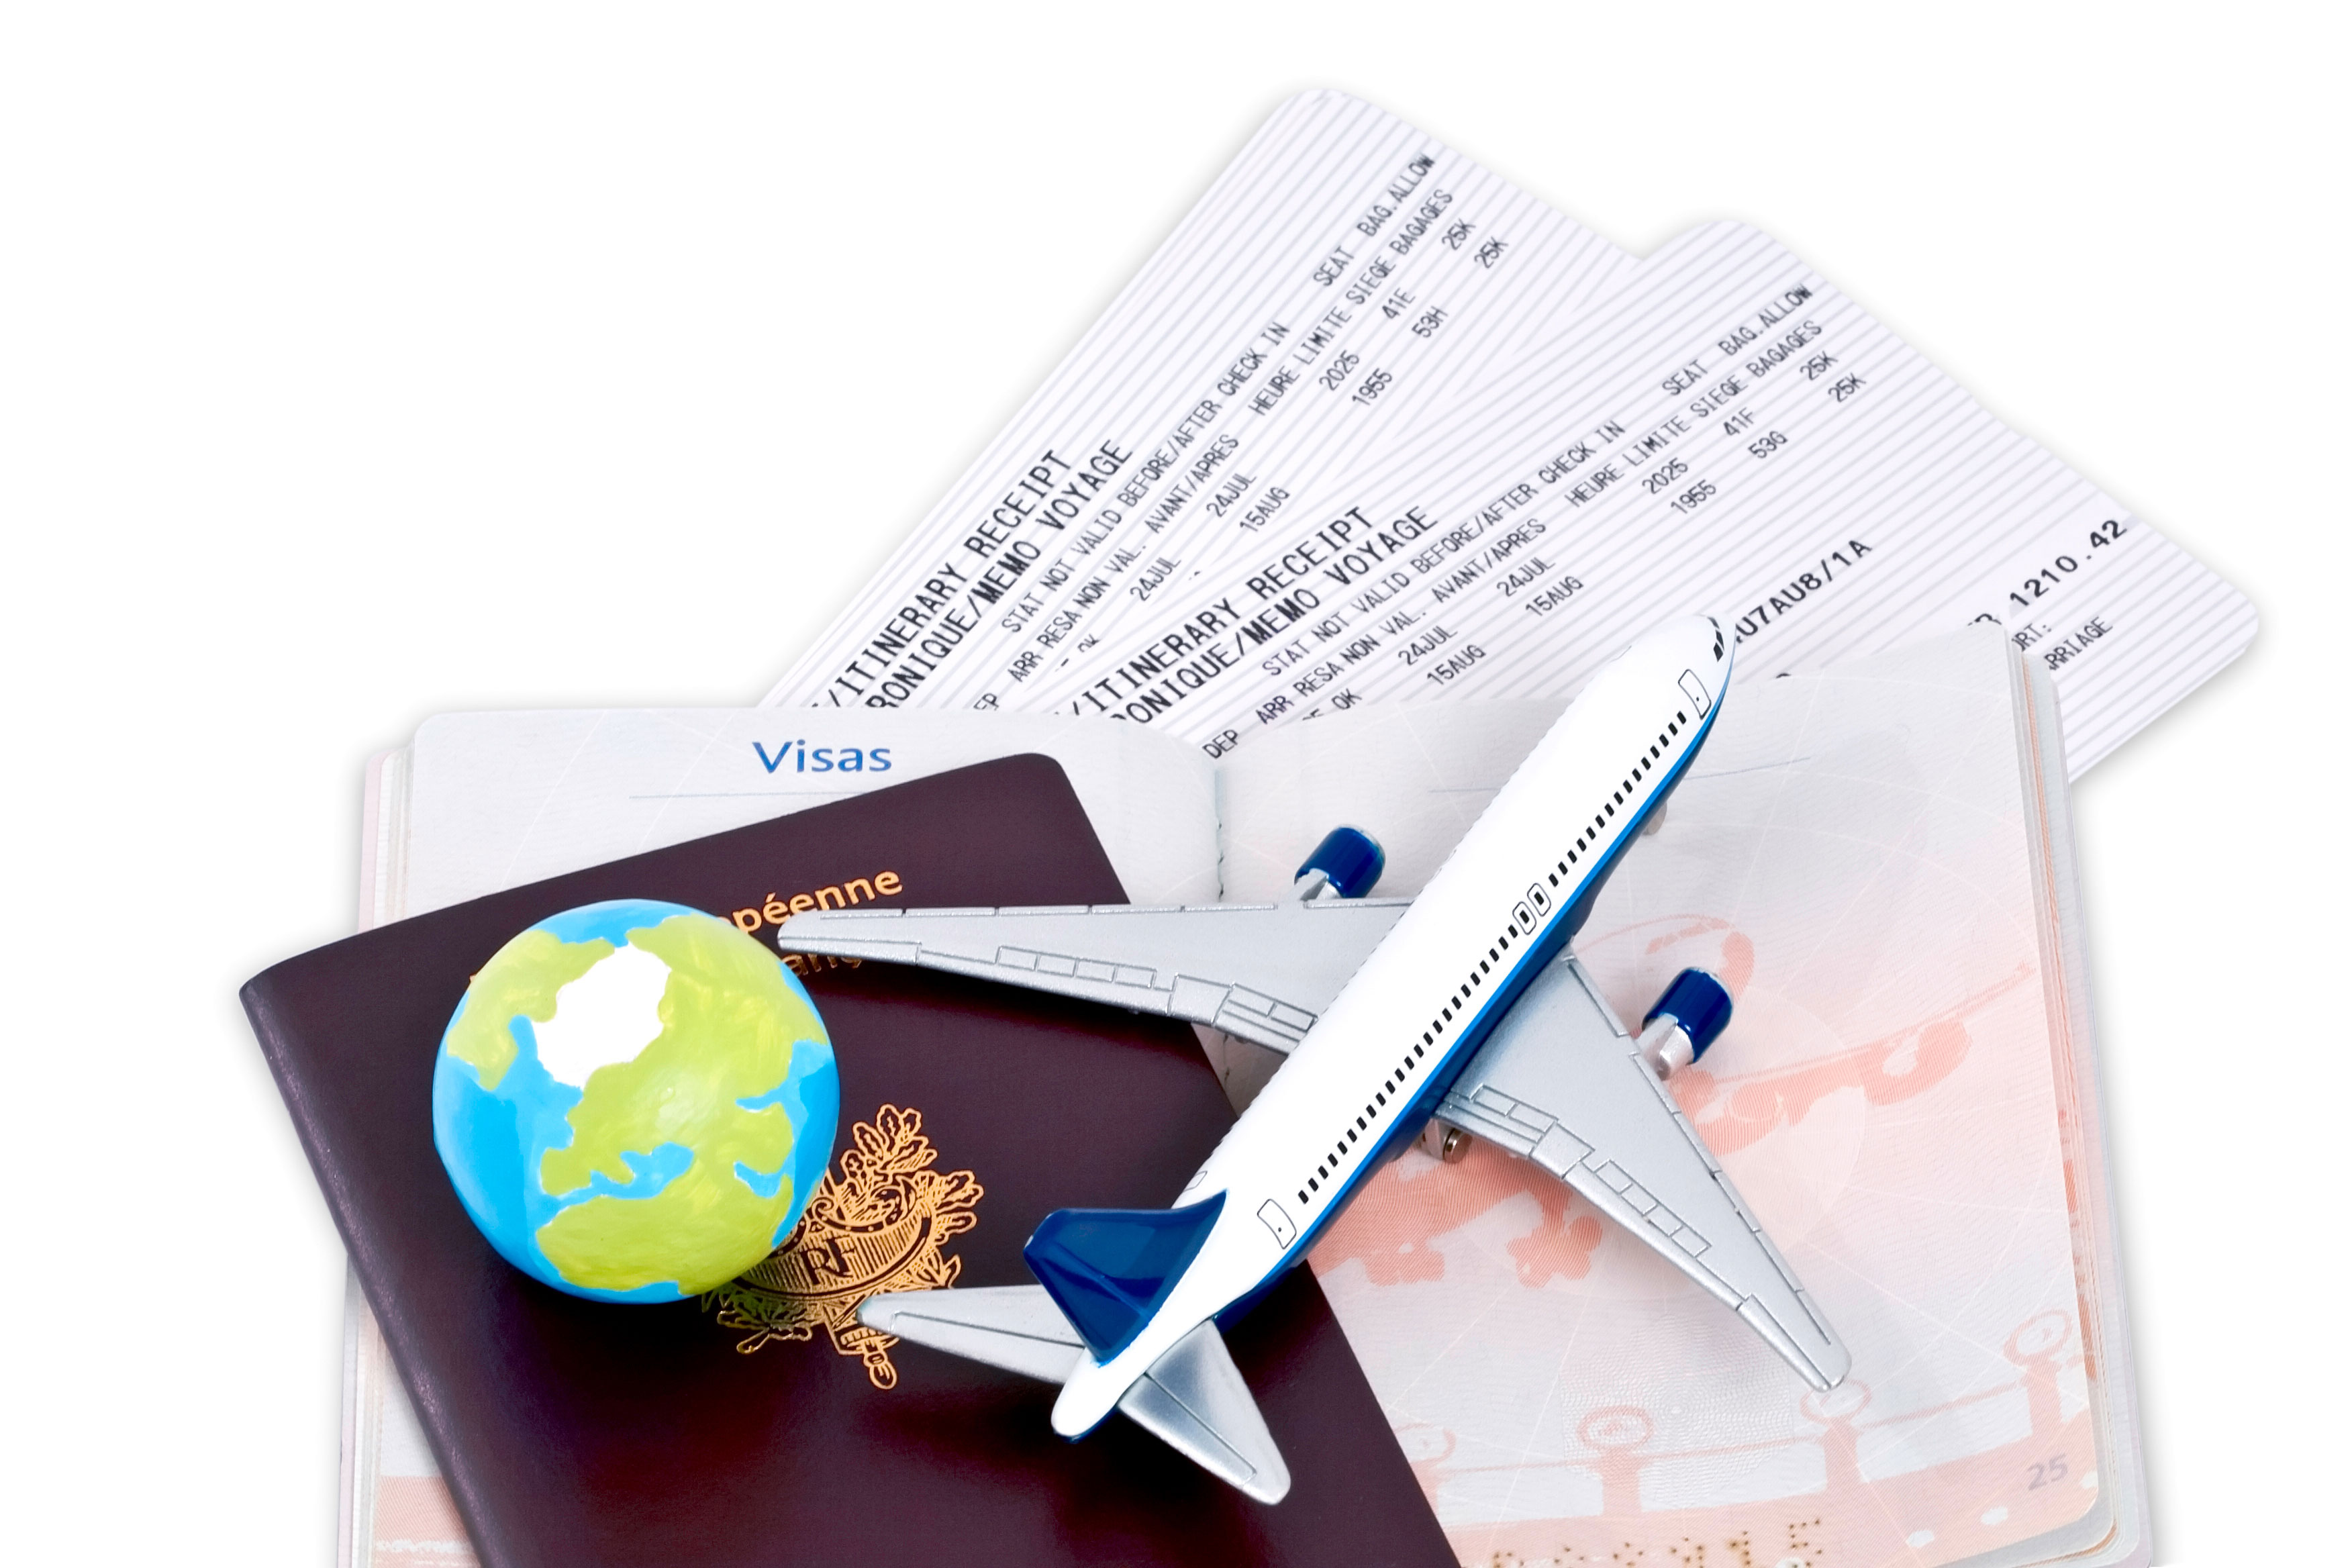 Купить билет из москвы в анапу на самолет билеты на самолет минеральные воды москва цена расписание